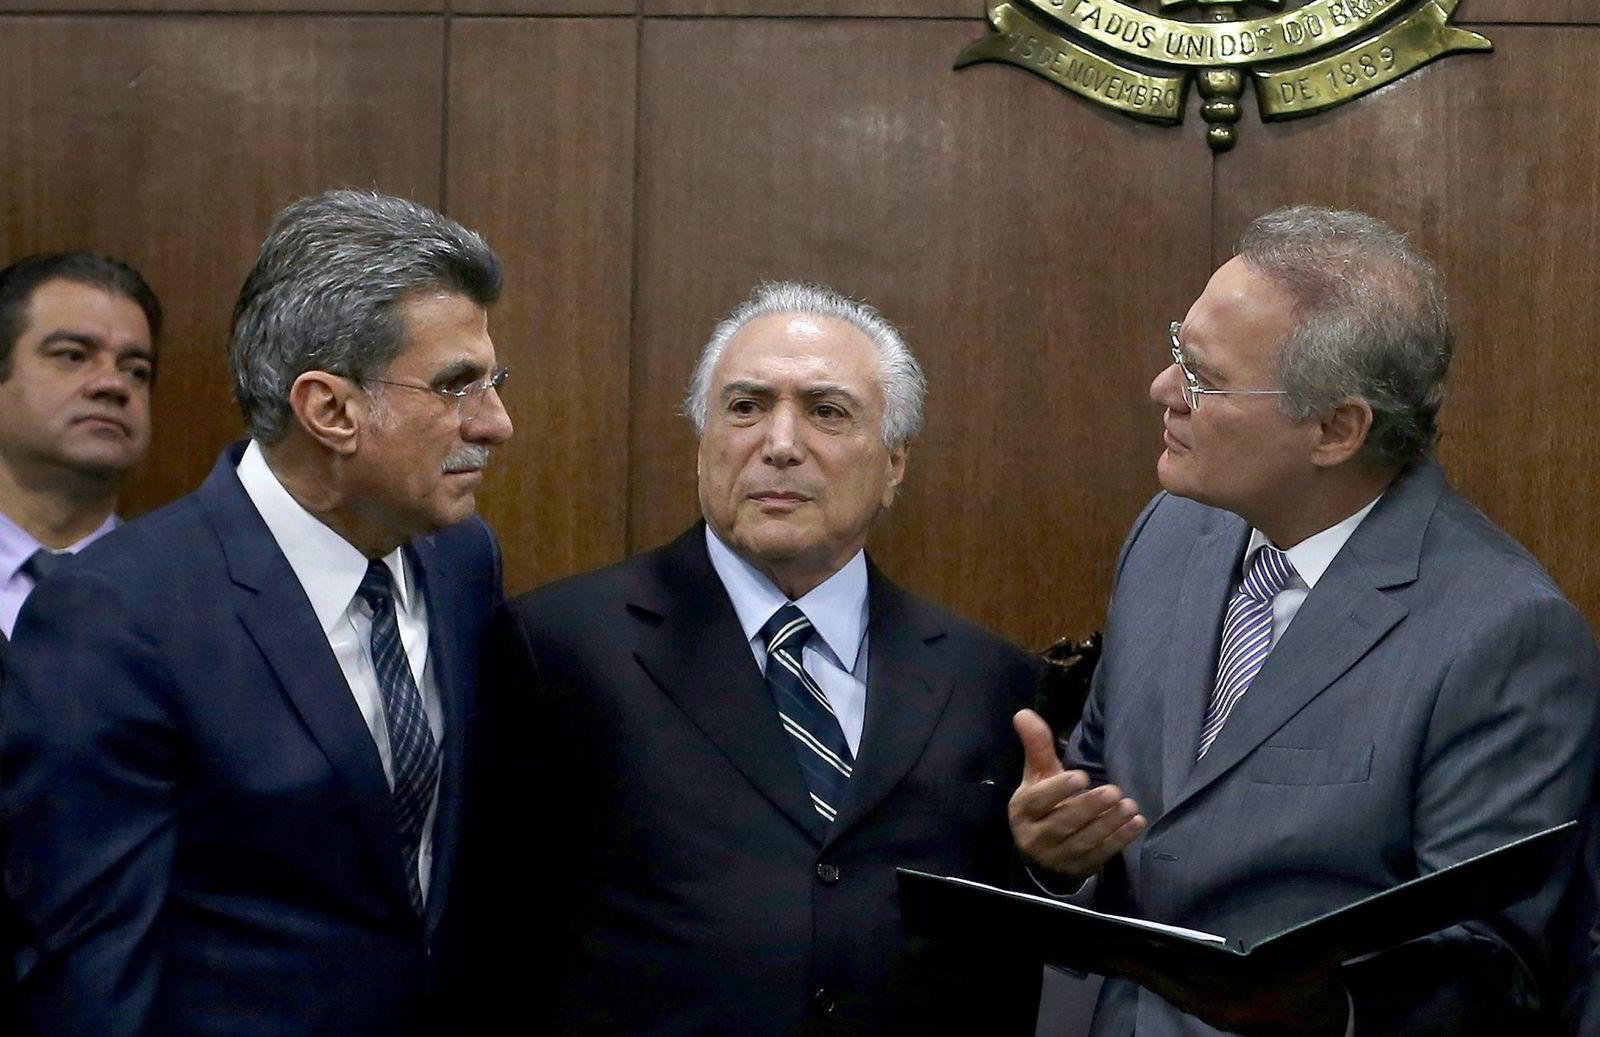 Brasils president Michel Temer (midten) under et politisk møte med senatslederen Renan Calheiros (t.h.) og den nylig avgåtte planlegginsministeren Romero Juca (t.v.). Foto: REUTERS/Adriano Machado/NTB Scanpix